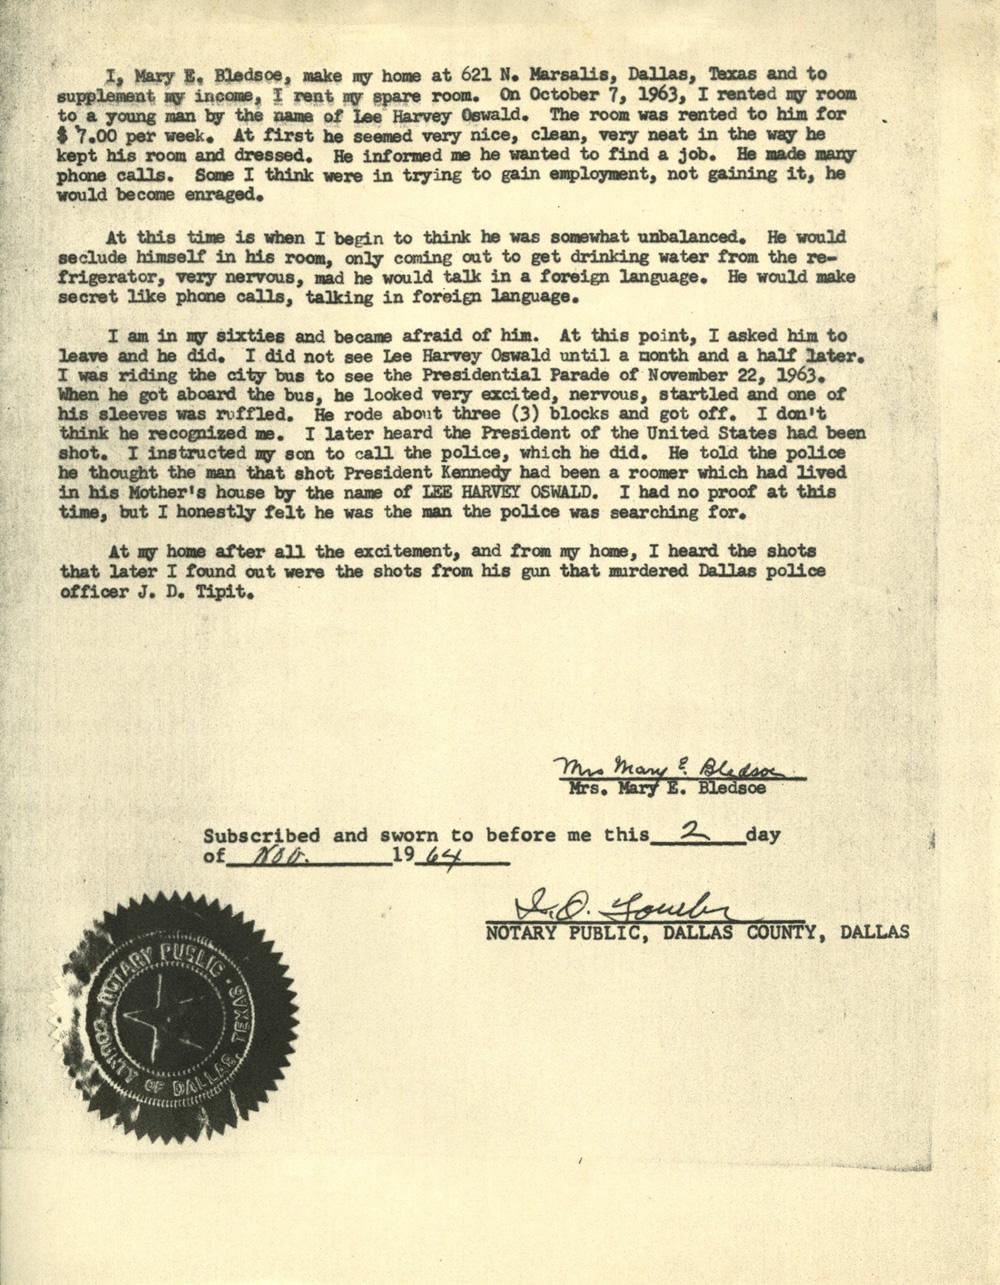 Mary Bledsoe's Affidavit